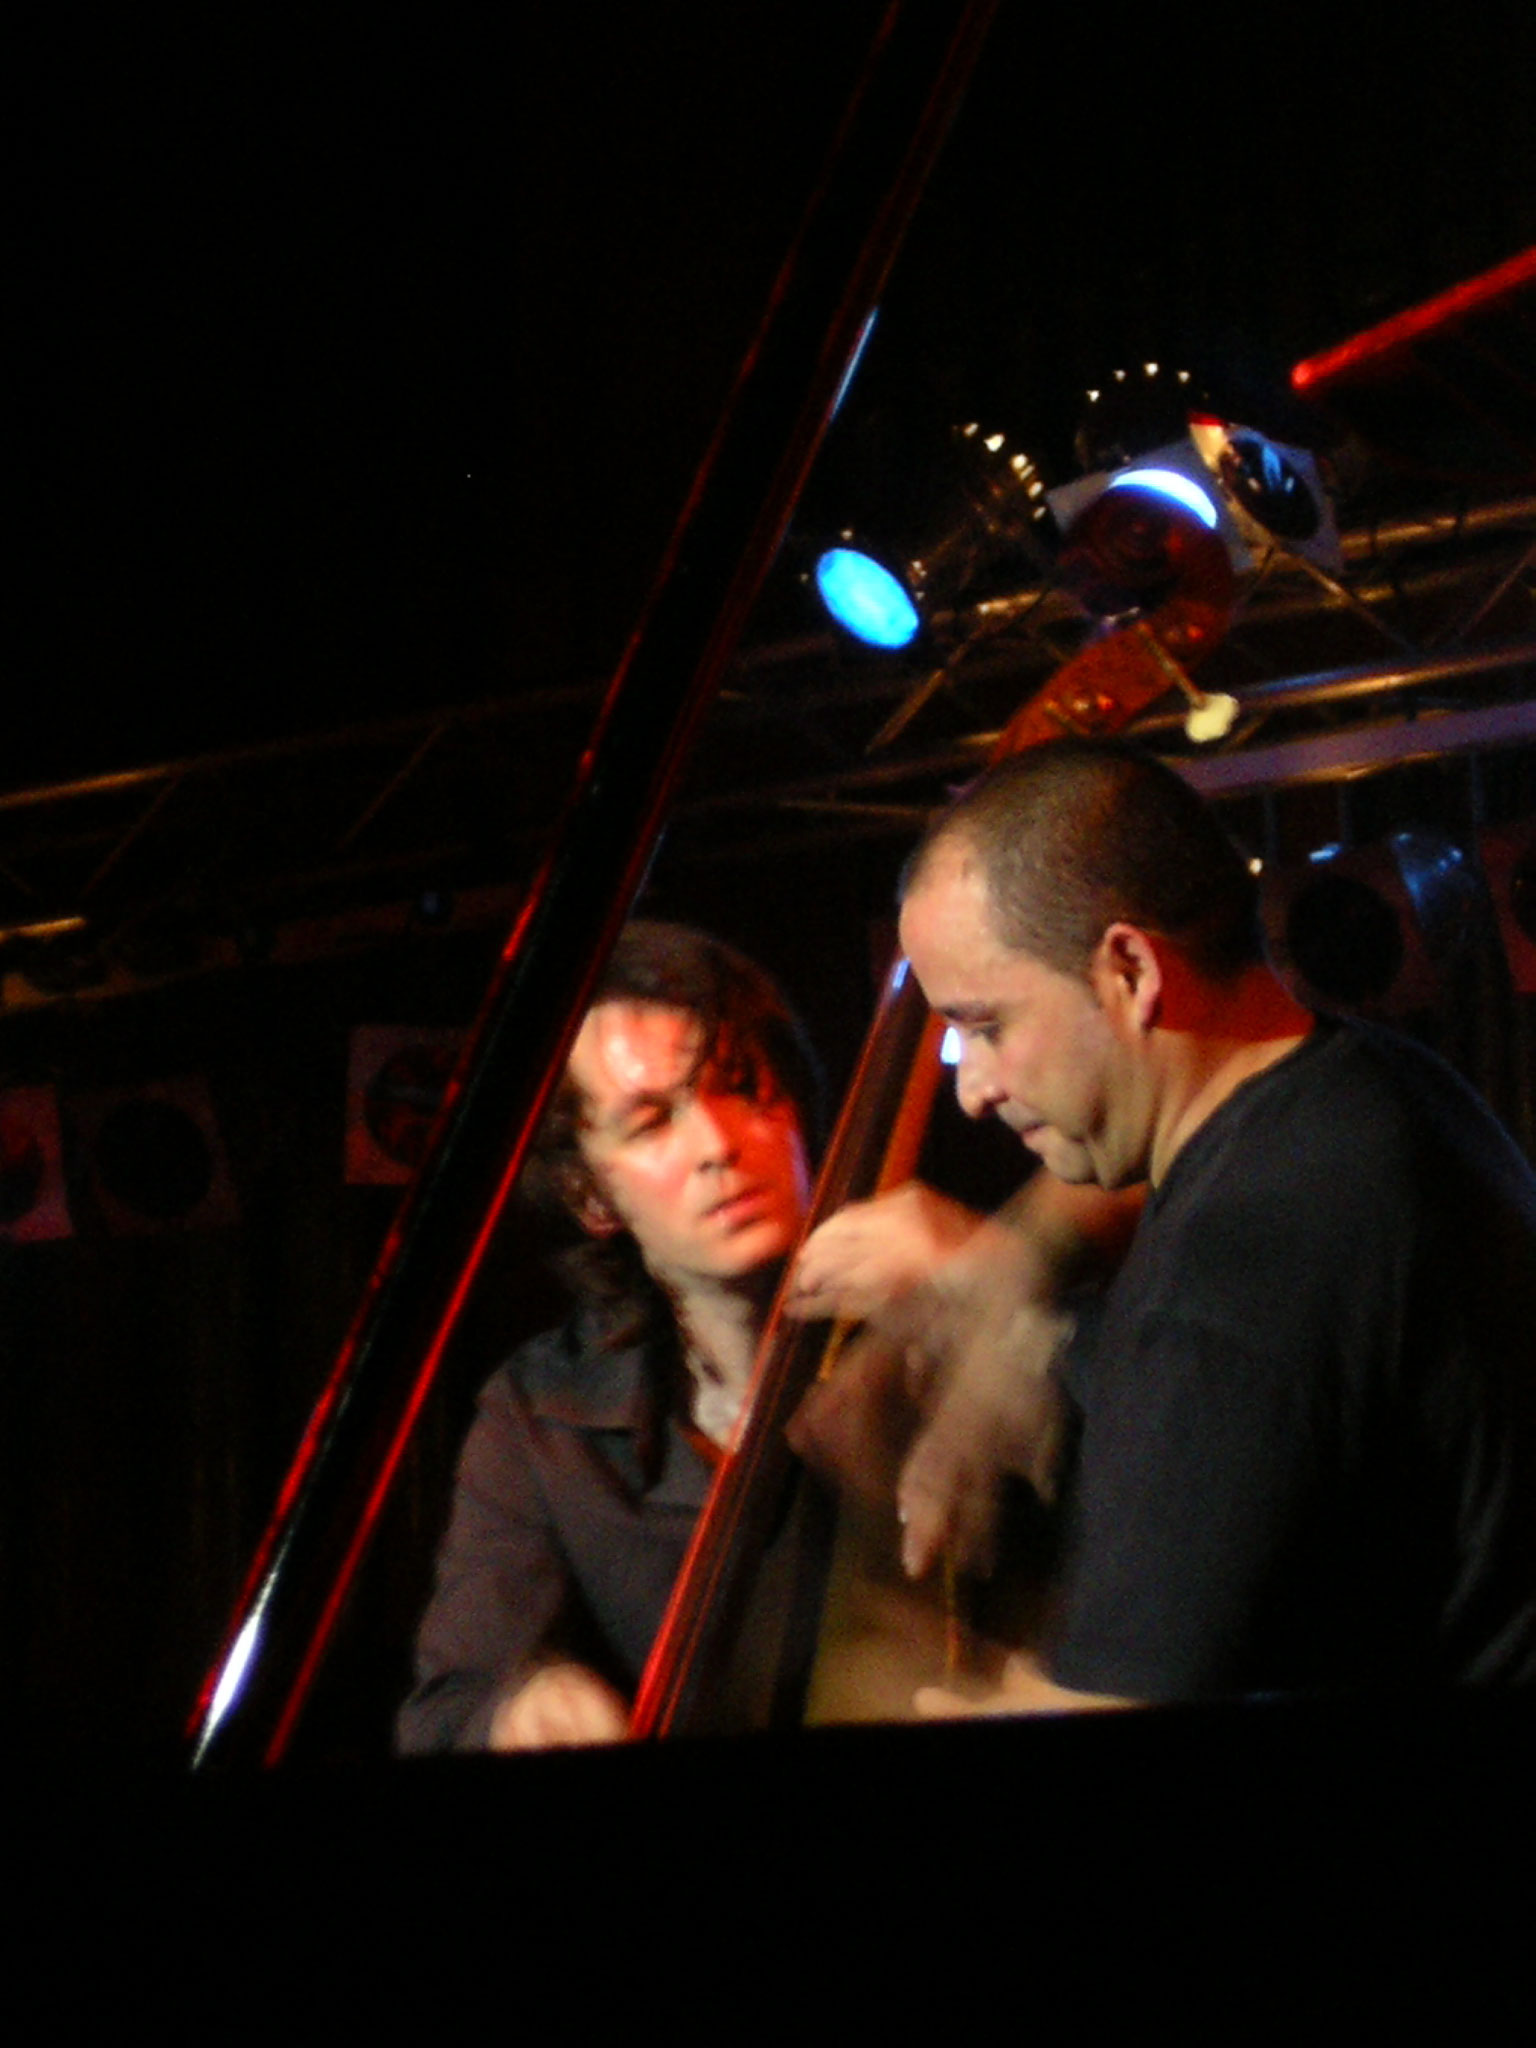 Pablo Martin + Cepillo (Gerardo Nunez Group) Playing on One Double Bass at Jazz+ Festival'2006 (Sofia, Bulgaria)